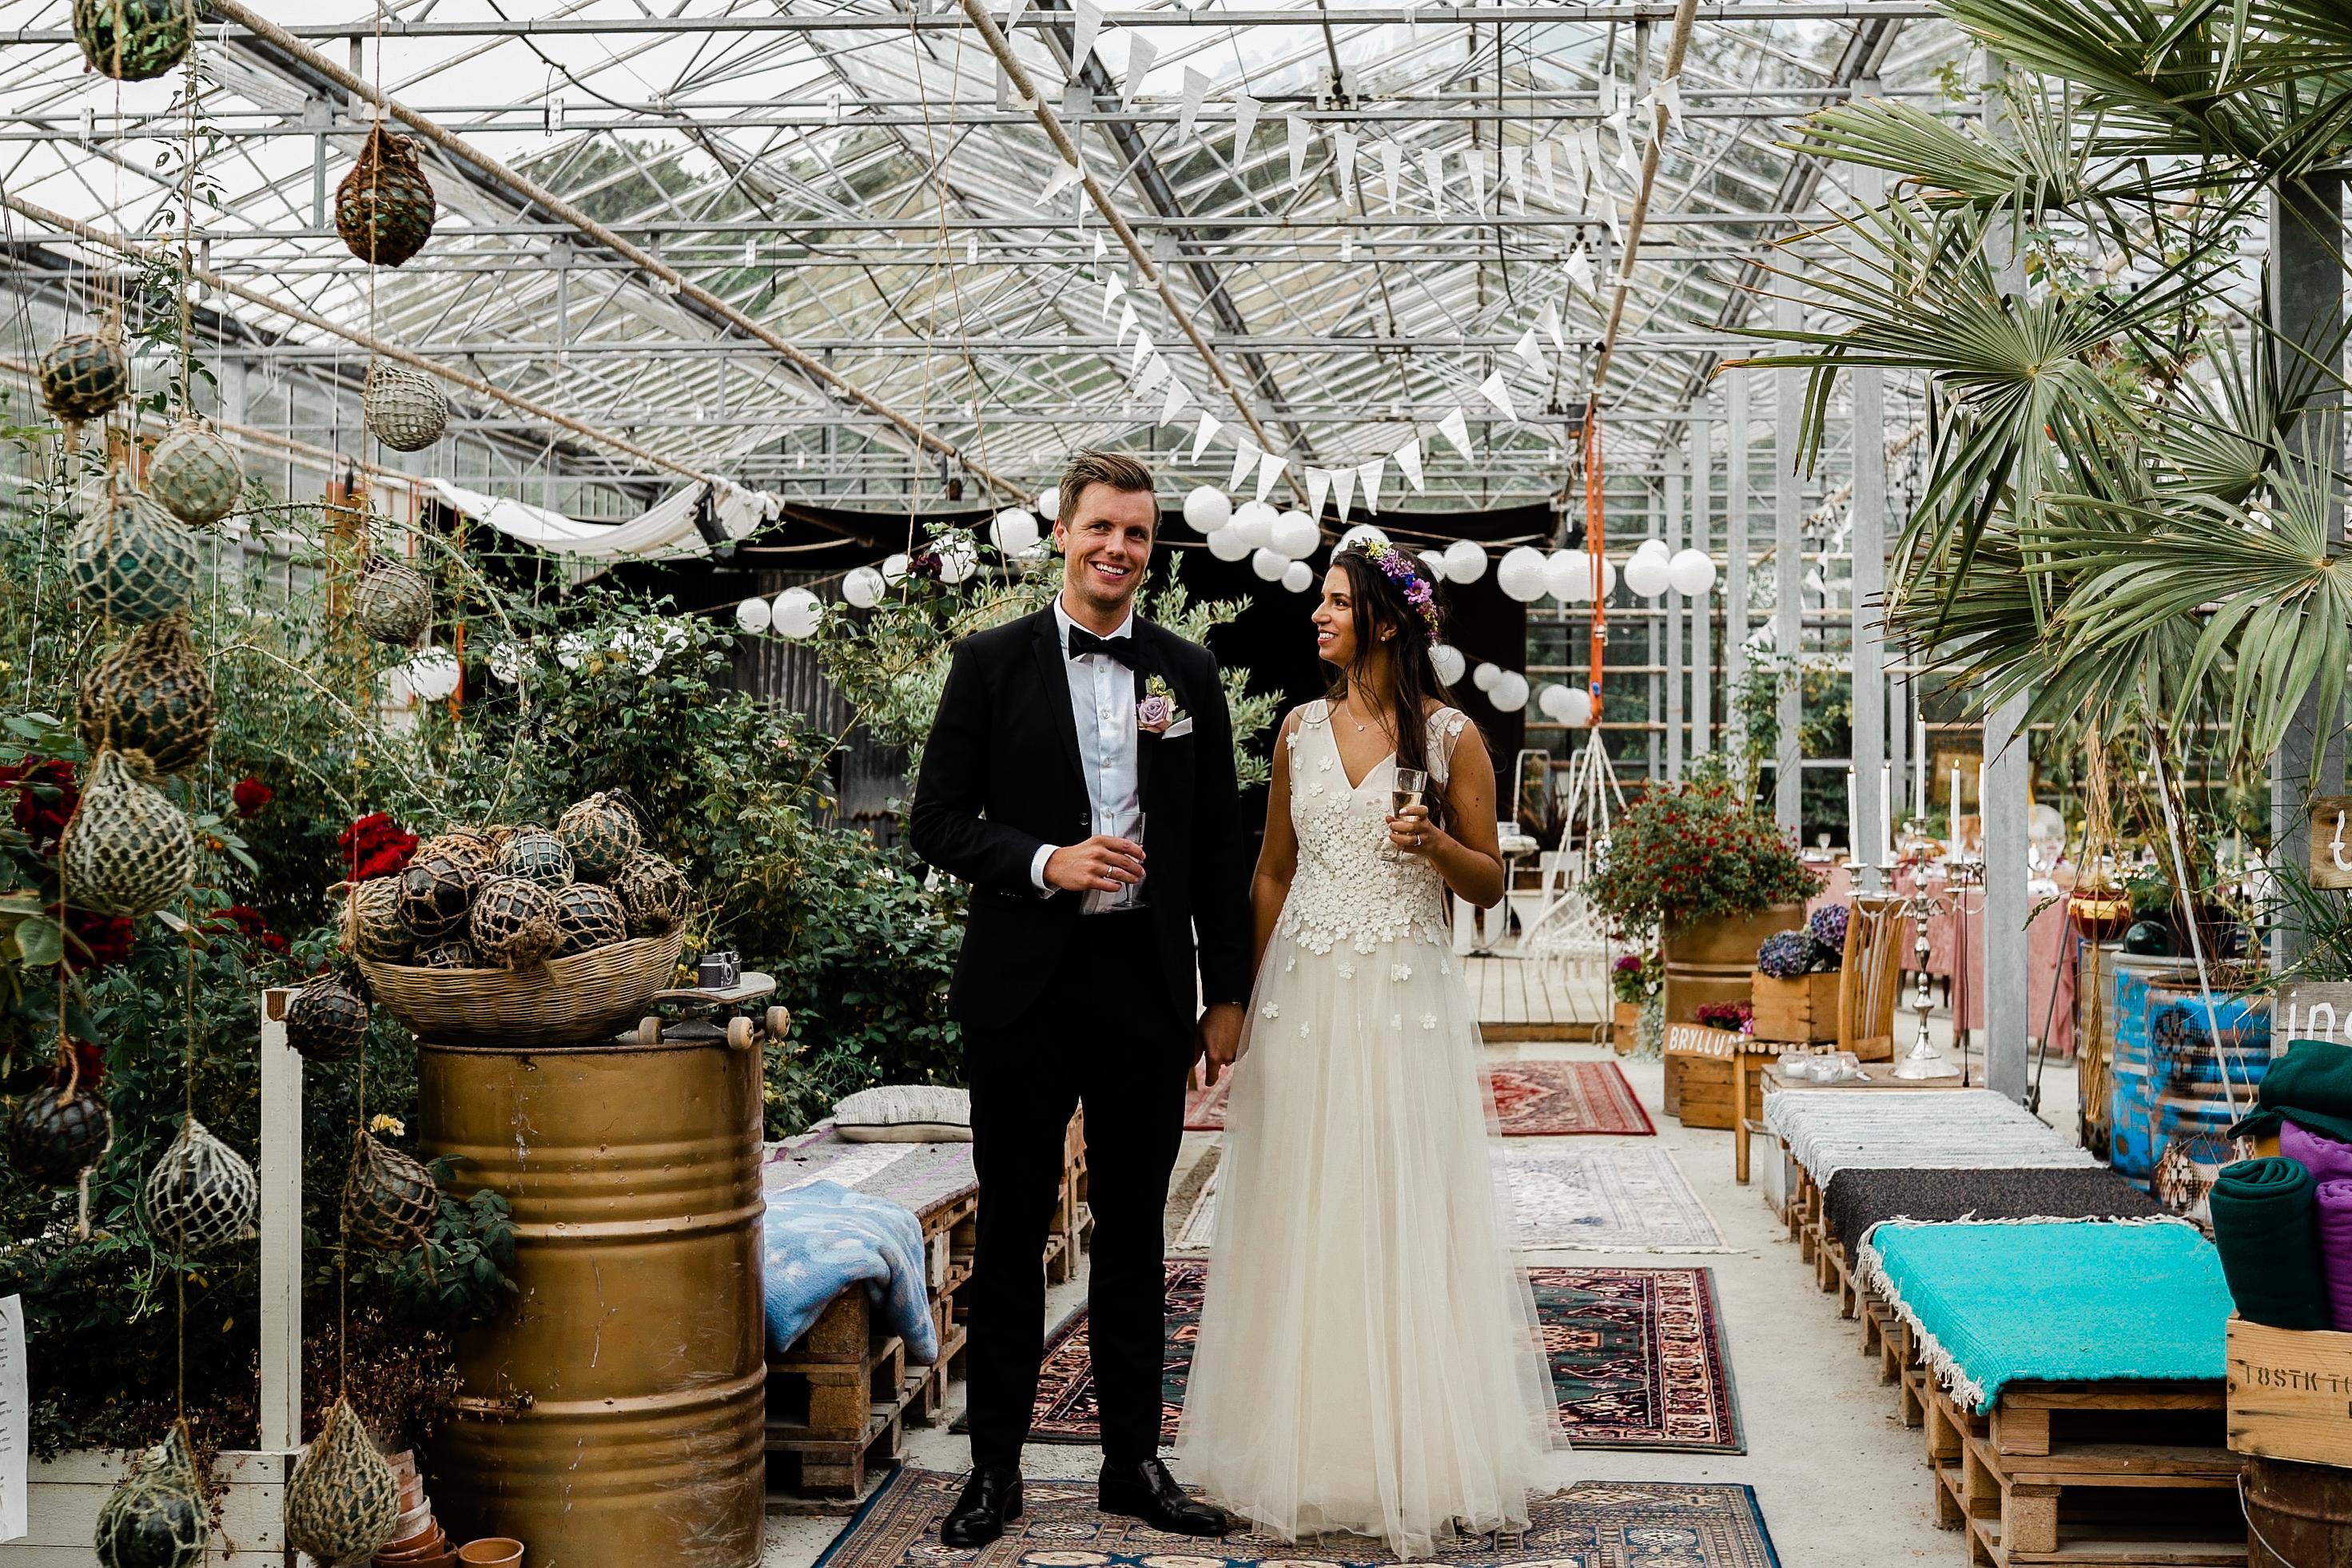 alchemilla stavanger norway wedding videography